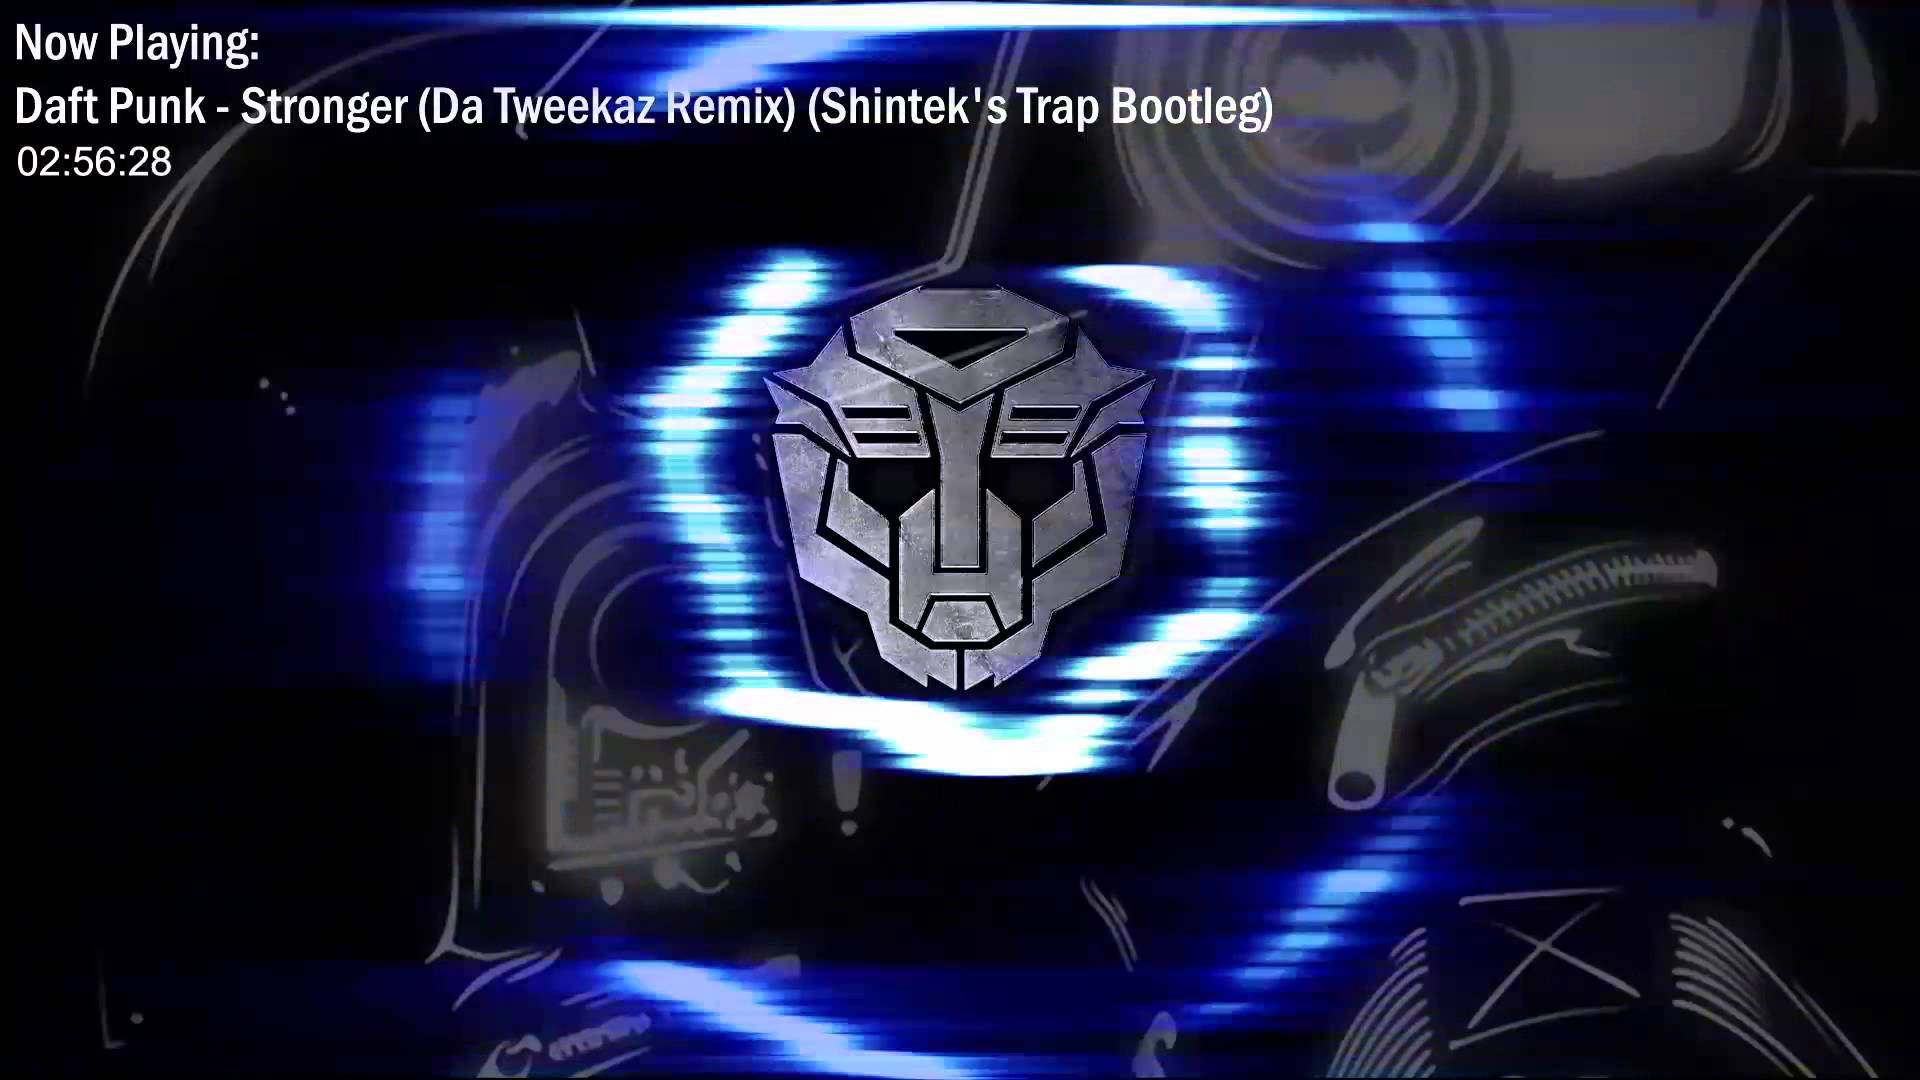 Daft Punk - Stronger (Da Tweekaz Remix) [Shintek's Trap Bootleg]